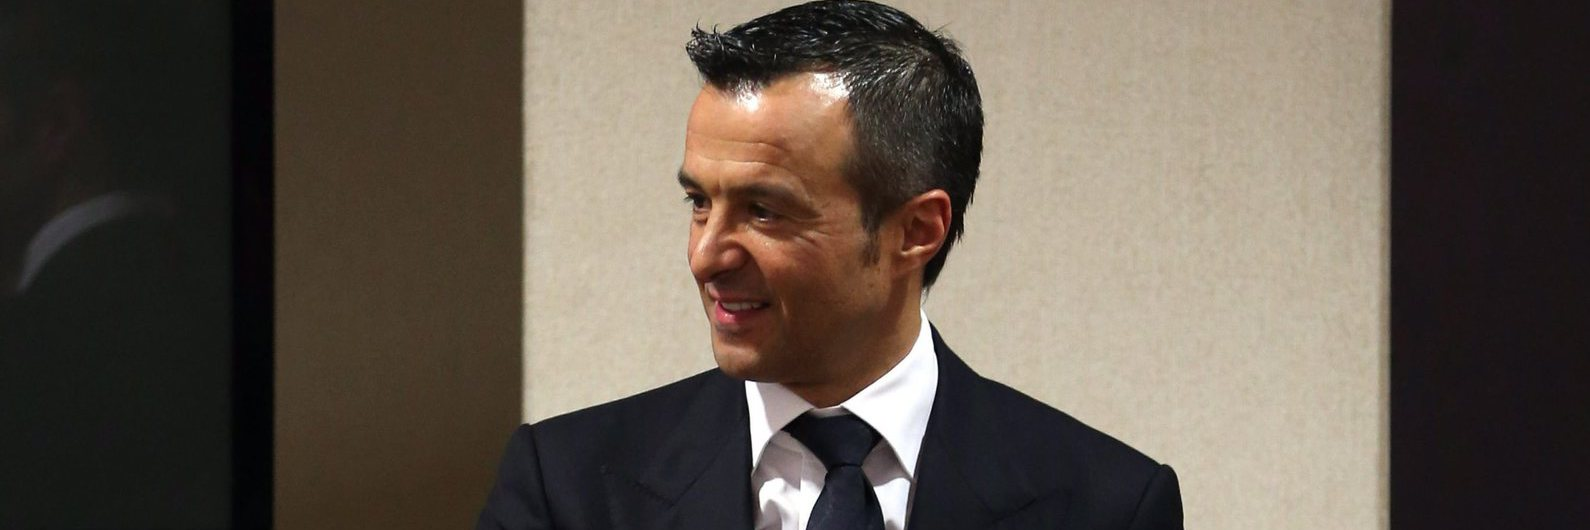 Quatro jogadores de Jorge Mendes investigados por fraude em Espanha